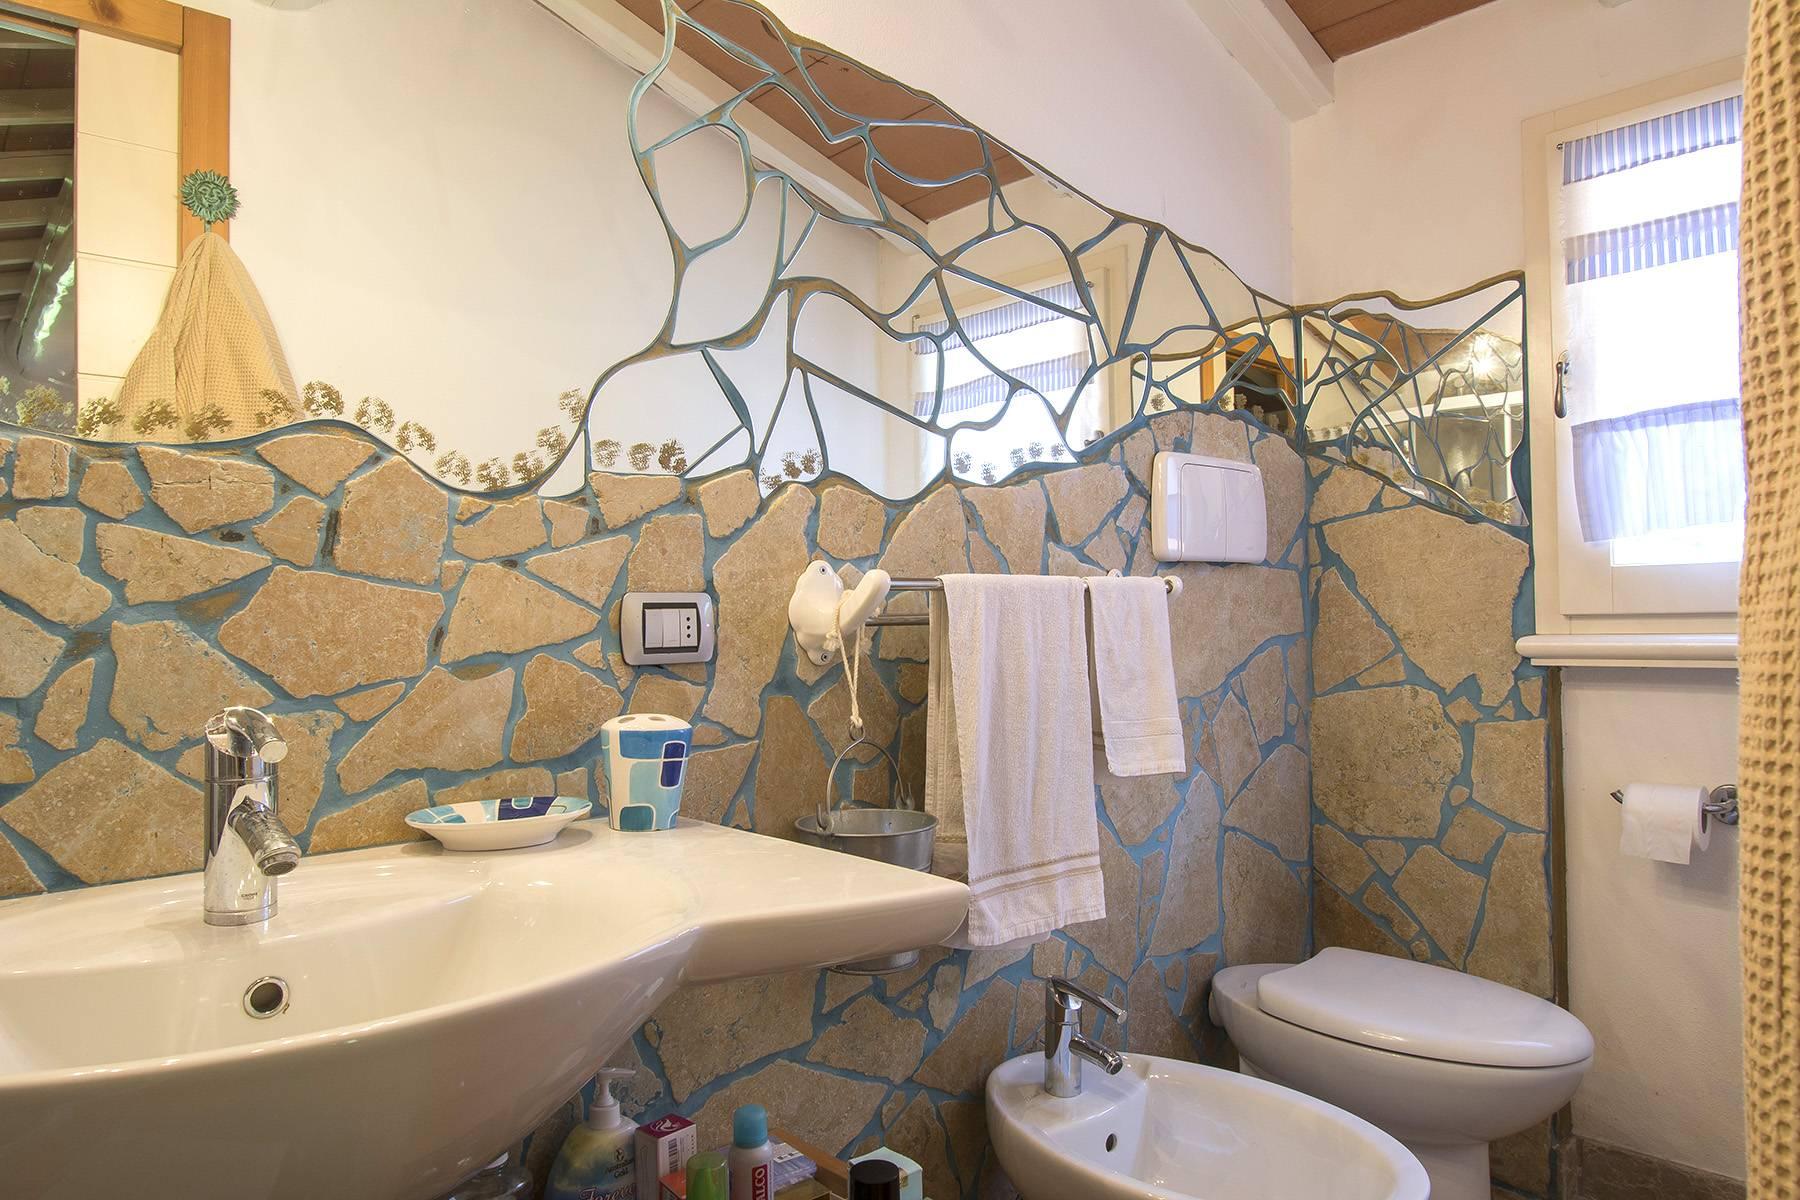 Casa indipendente in Vendita a Pietrasanta: 5 locali, 180 mq - Foto 22